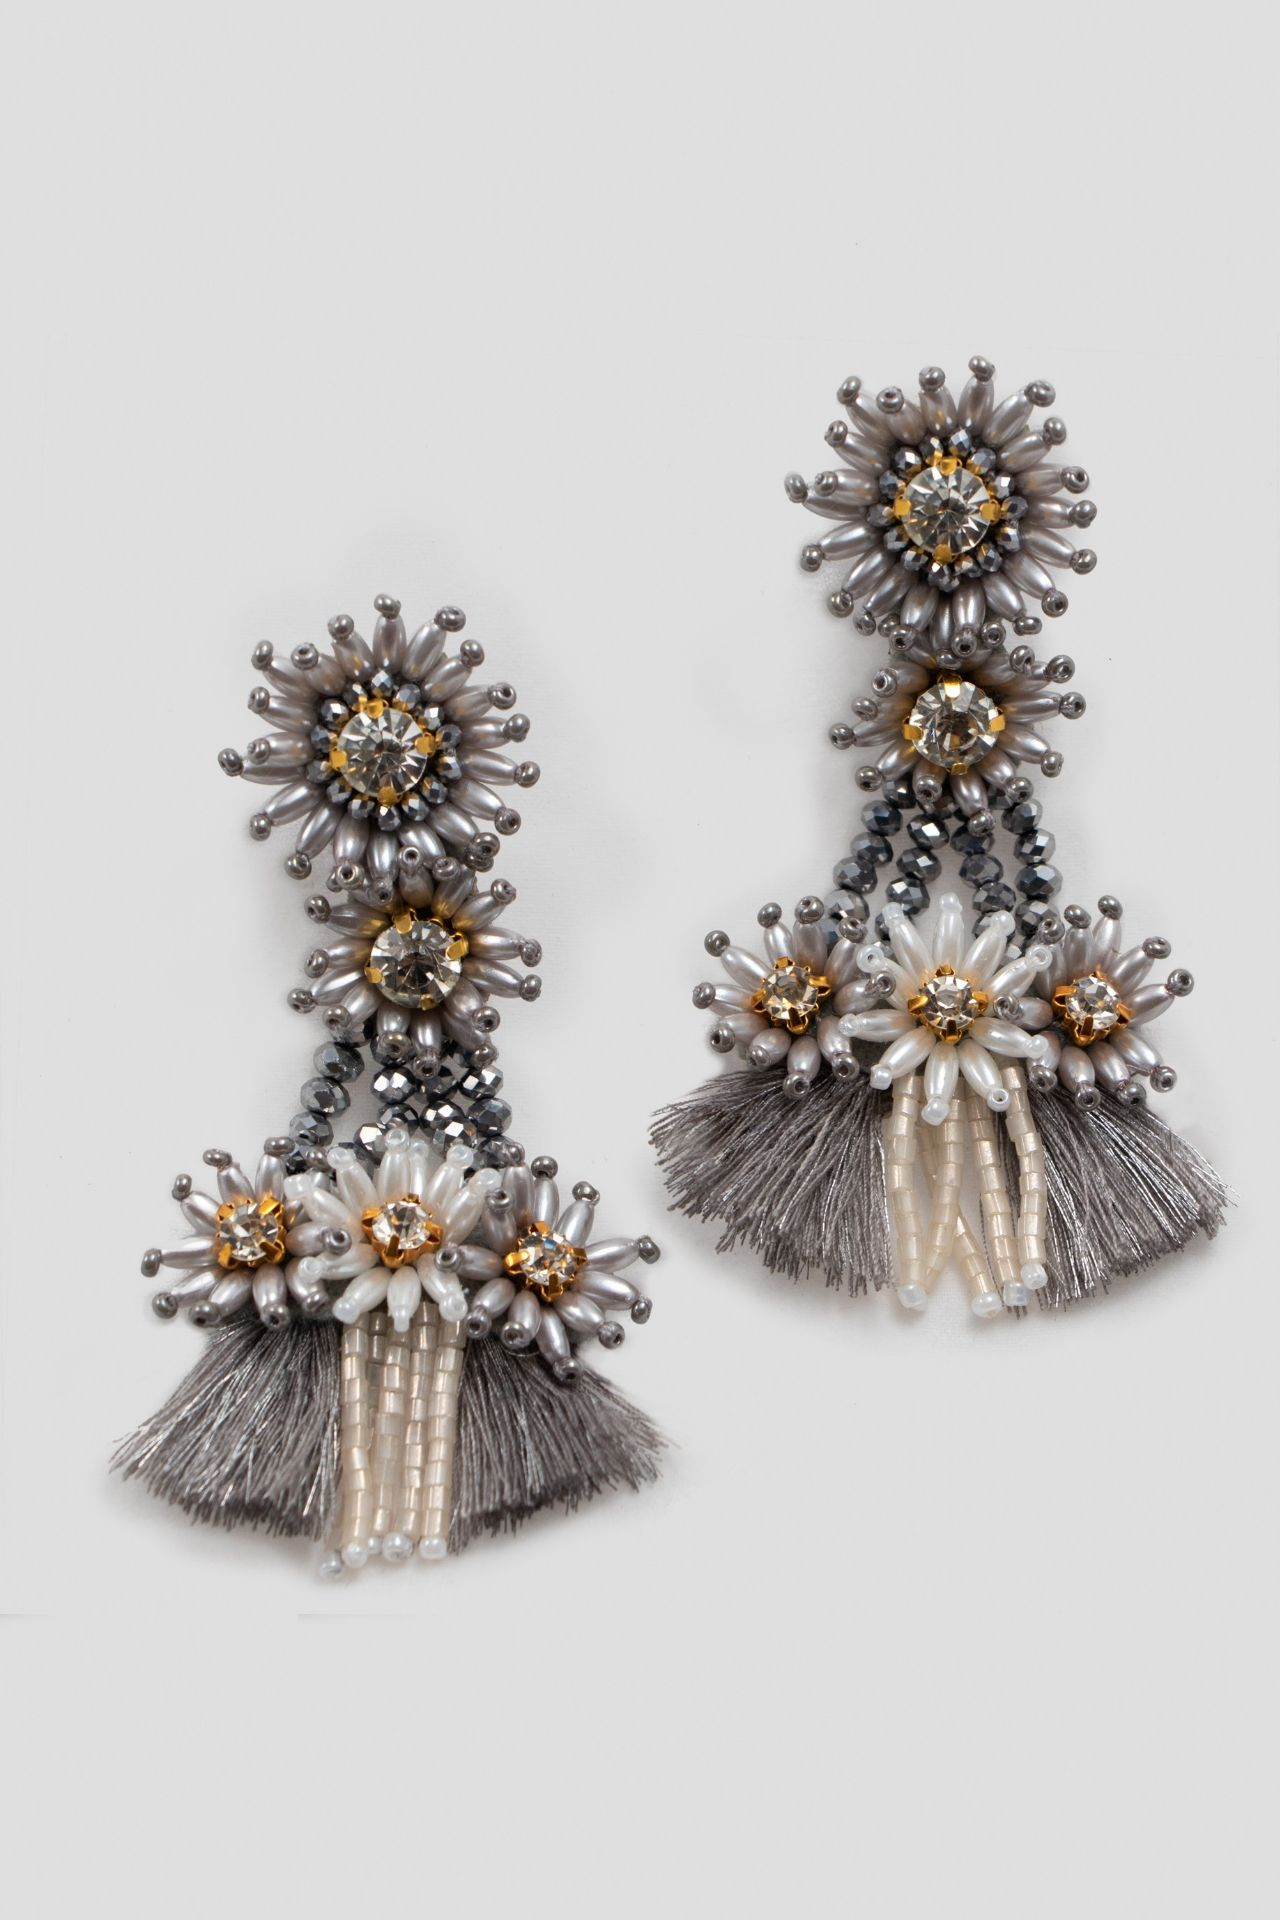 Maxiaretes hechos a mano con mostacillas y muranos.  Cosidos a mano piedra por piedra.  Alto: 9cm  Ancho: 4.5 cm